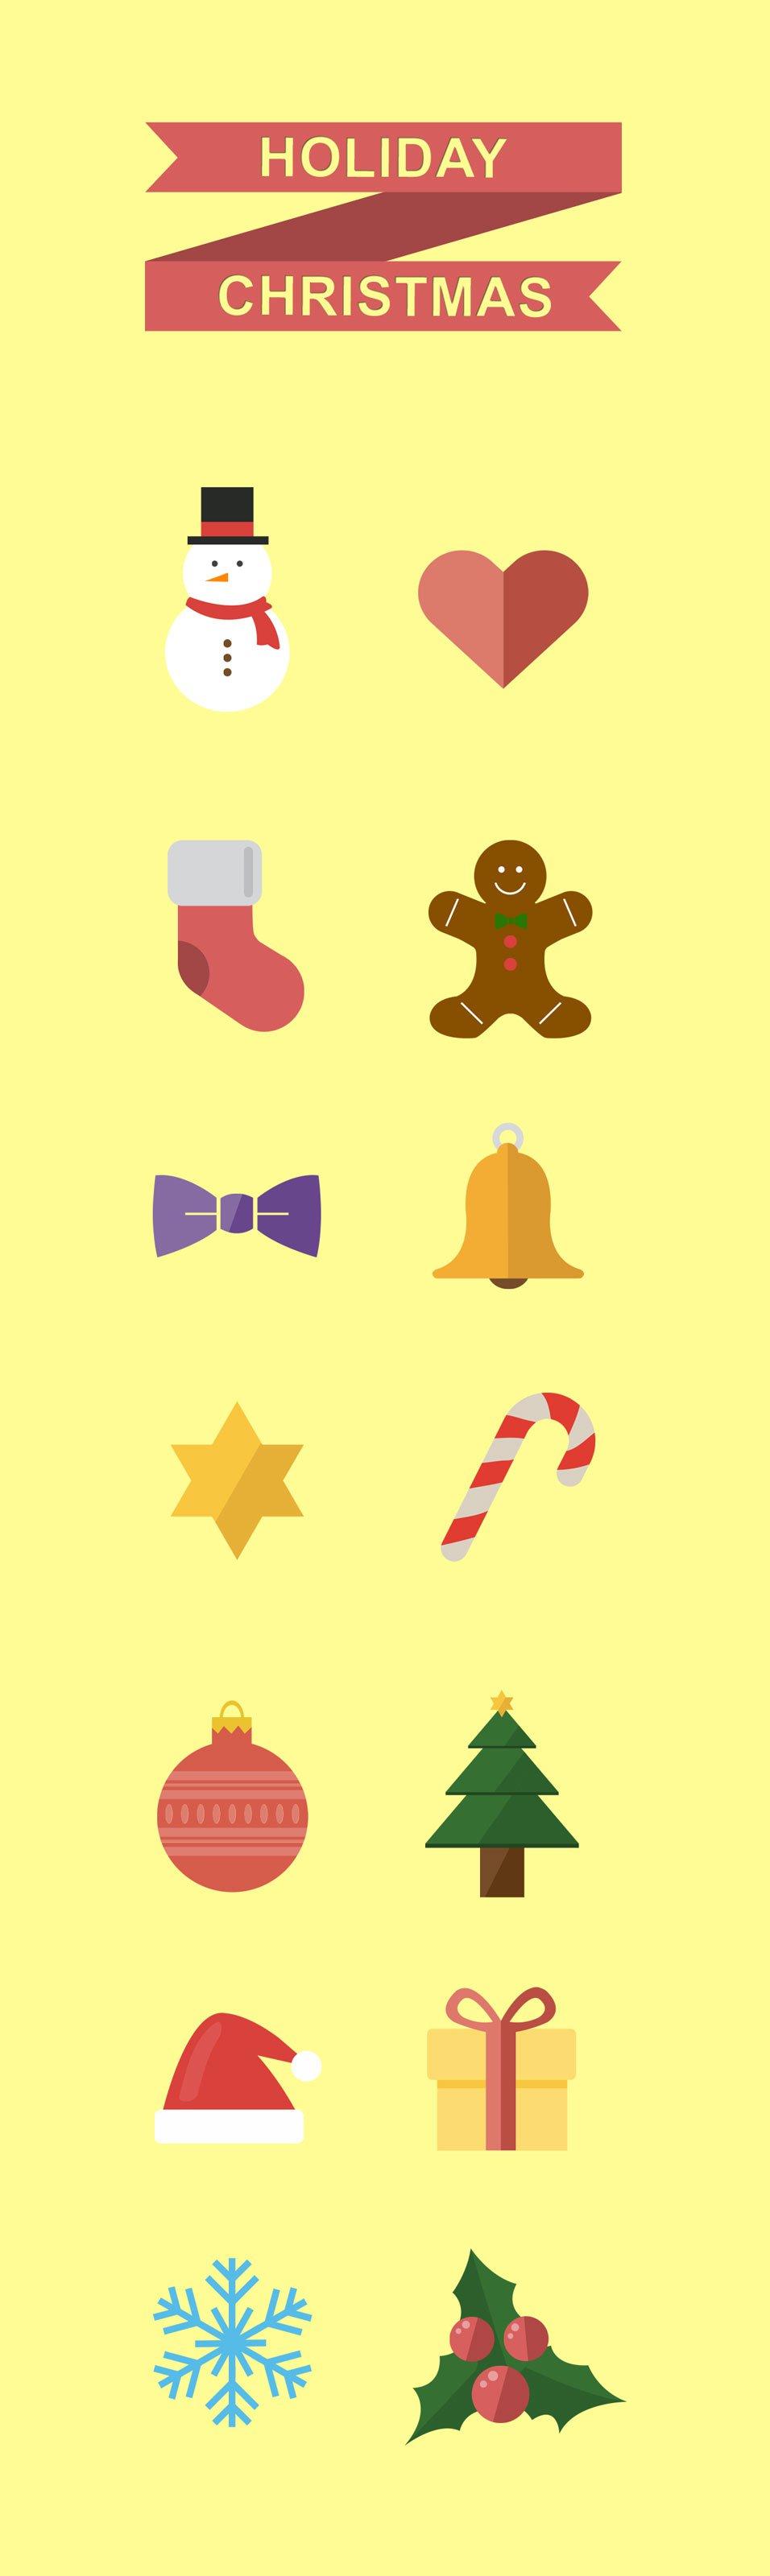 Holiday Christmas Icons PSD